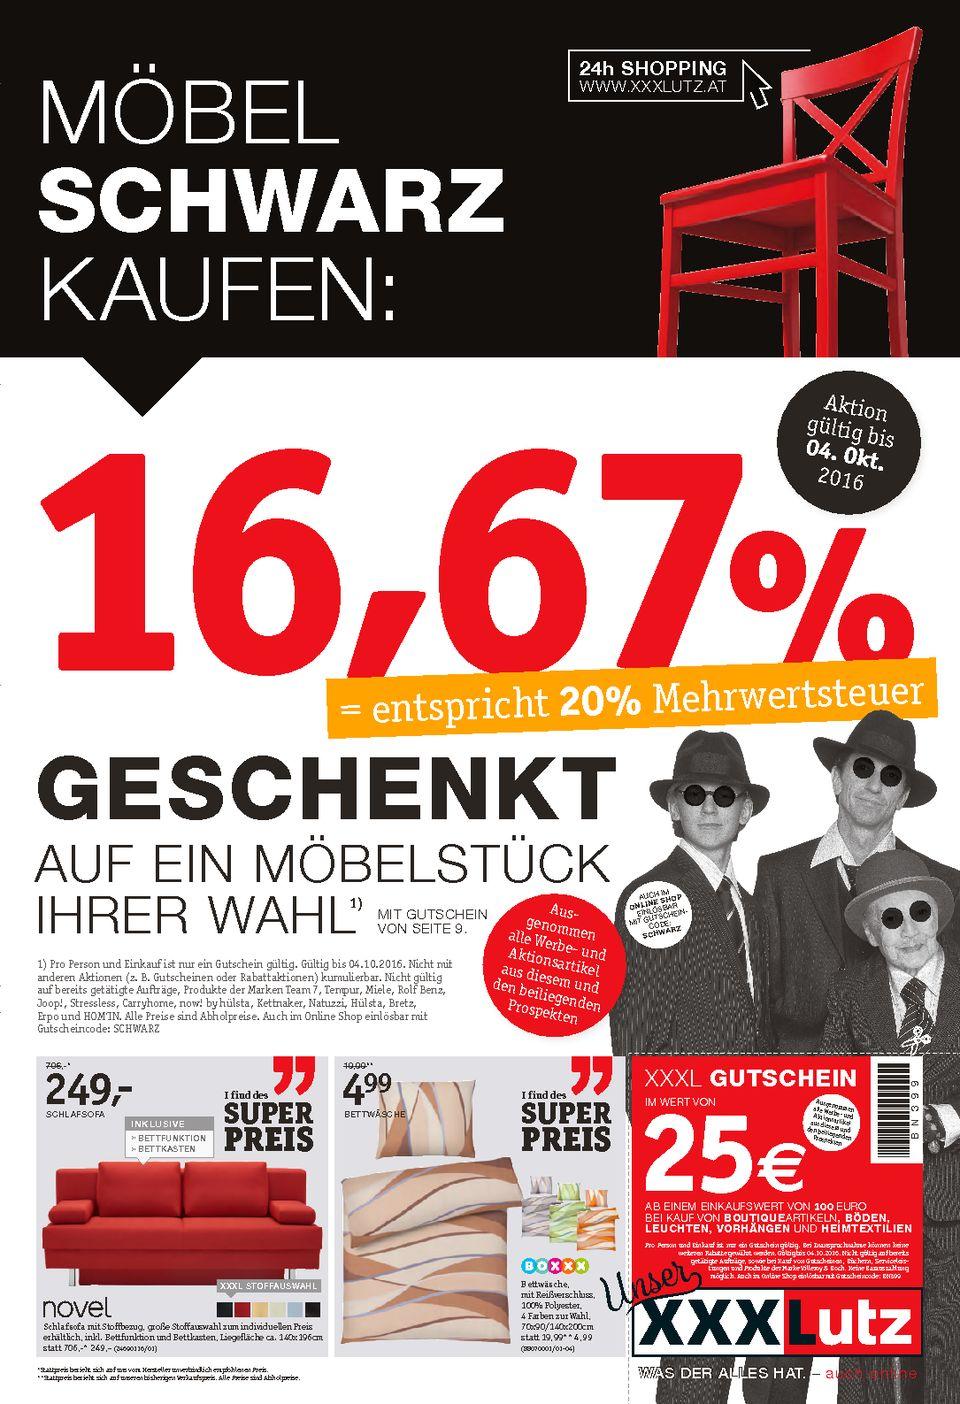 XXXLUTZ Möbel schwarz kaufen